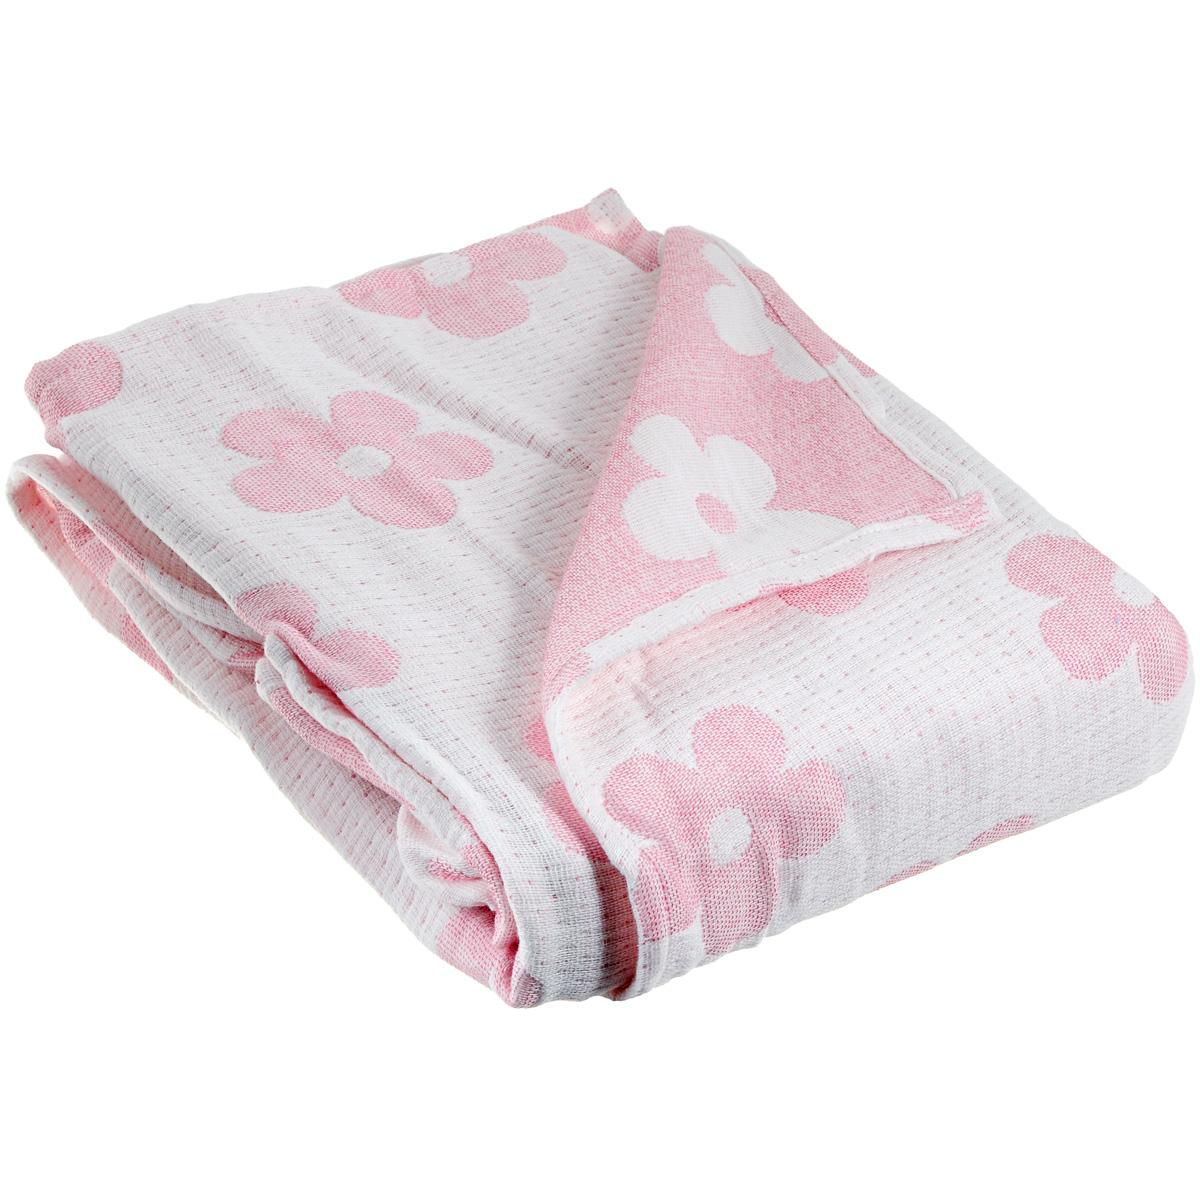 Плед-одеяло детский Baby Nice Цветы, муслиновый, цвет: розовый, 100 см x 118 смL618365Муслиновый плед-одеяло Baby Nice Цветы, изготовленный из мягкого натурального 100% хлопка, оформлен цветочным рисунком. Плед-одеяло для новорожденных из мягкого и дышащего муслинового хлопка идеально подходит для комфортного сна малыша. Состоит из четырех слоев дышащего муслина, которые помогут сохранить тепло собственного тела ребенка, предотвращая перегревание. Благодаря особой технологии переплетения нитей и специальной отделки пряжи, муслиновый плед приобрел улучшенную мягкость и гигроскопичность. Легкий и дышащий, эластичный и практичный, такой плед хорошо пропускает воздух, впитывает влагу и прекрасно отдает тепло. Он создаст вашему малышу ощущение свежести и комфорта. Муслиновый плед сохраняет свои свойства даже после многочисленных стирок, быстро сохнет и не требует глажки. Во время прогулки такой плед послужит легким одеялом в коляску.